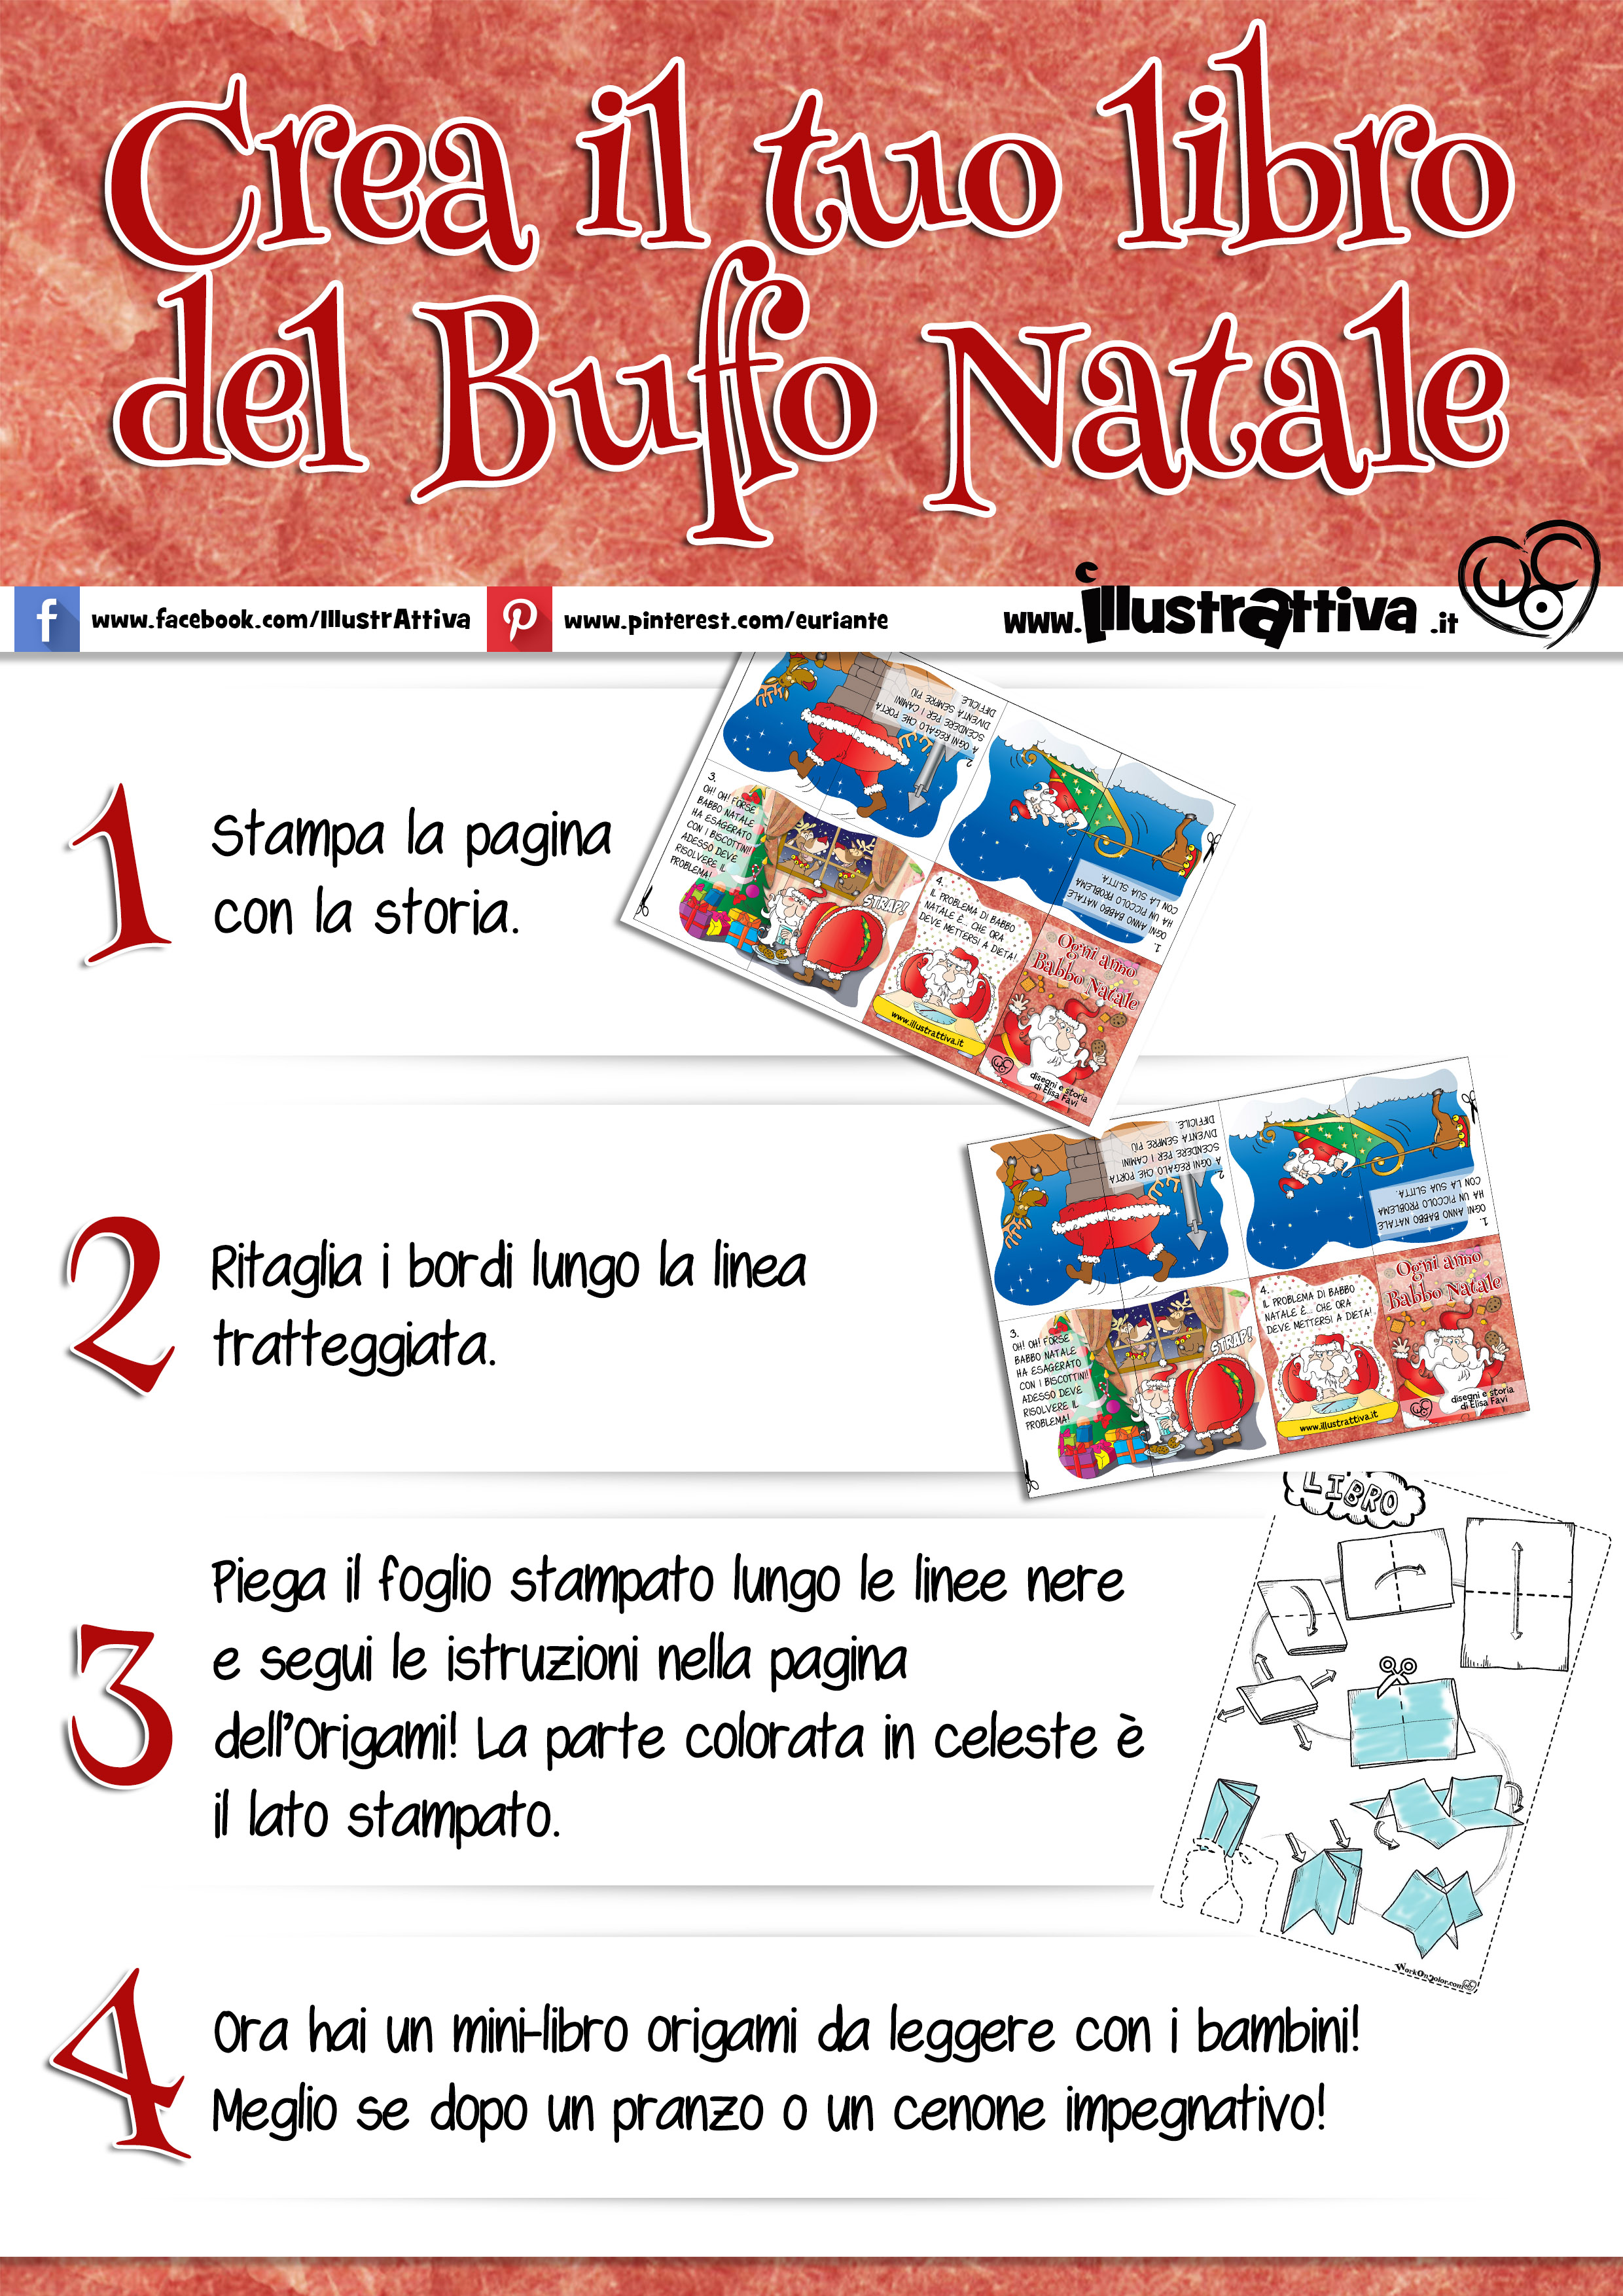 Buffo Natale, istruzioni per costruire il mini-libro origami di babbo Natale